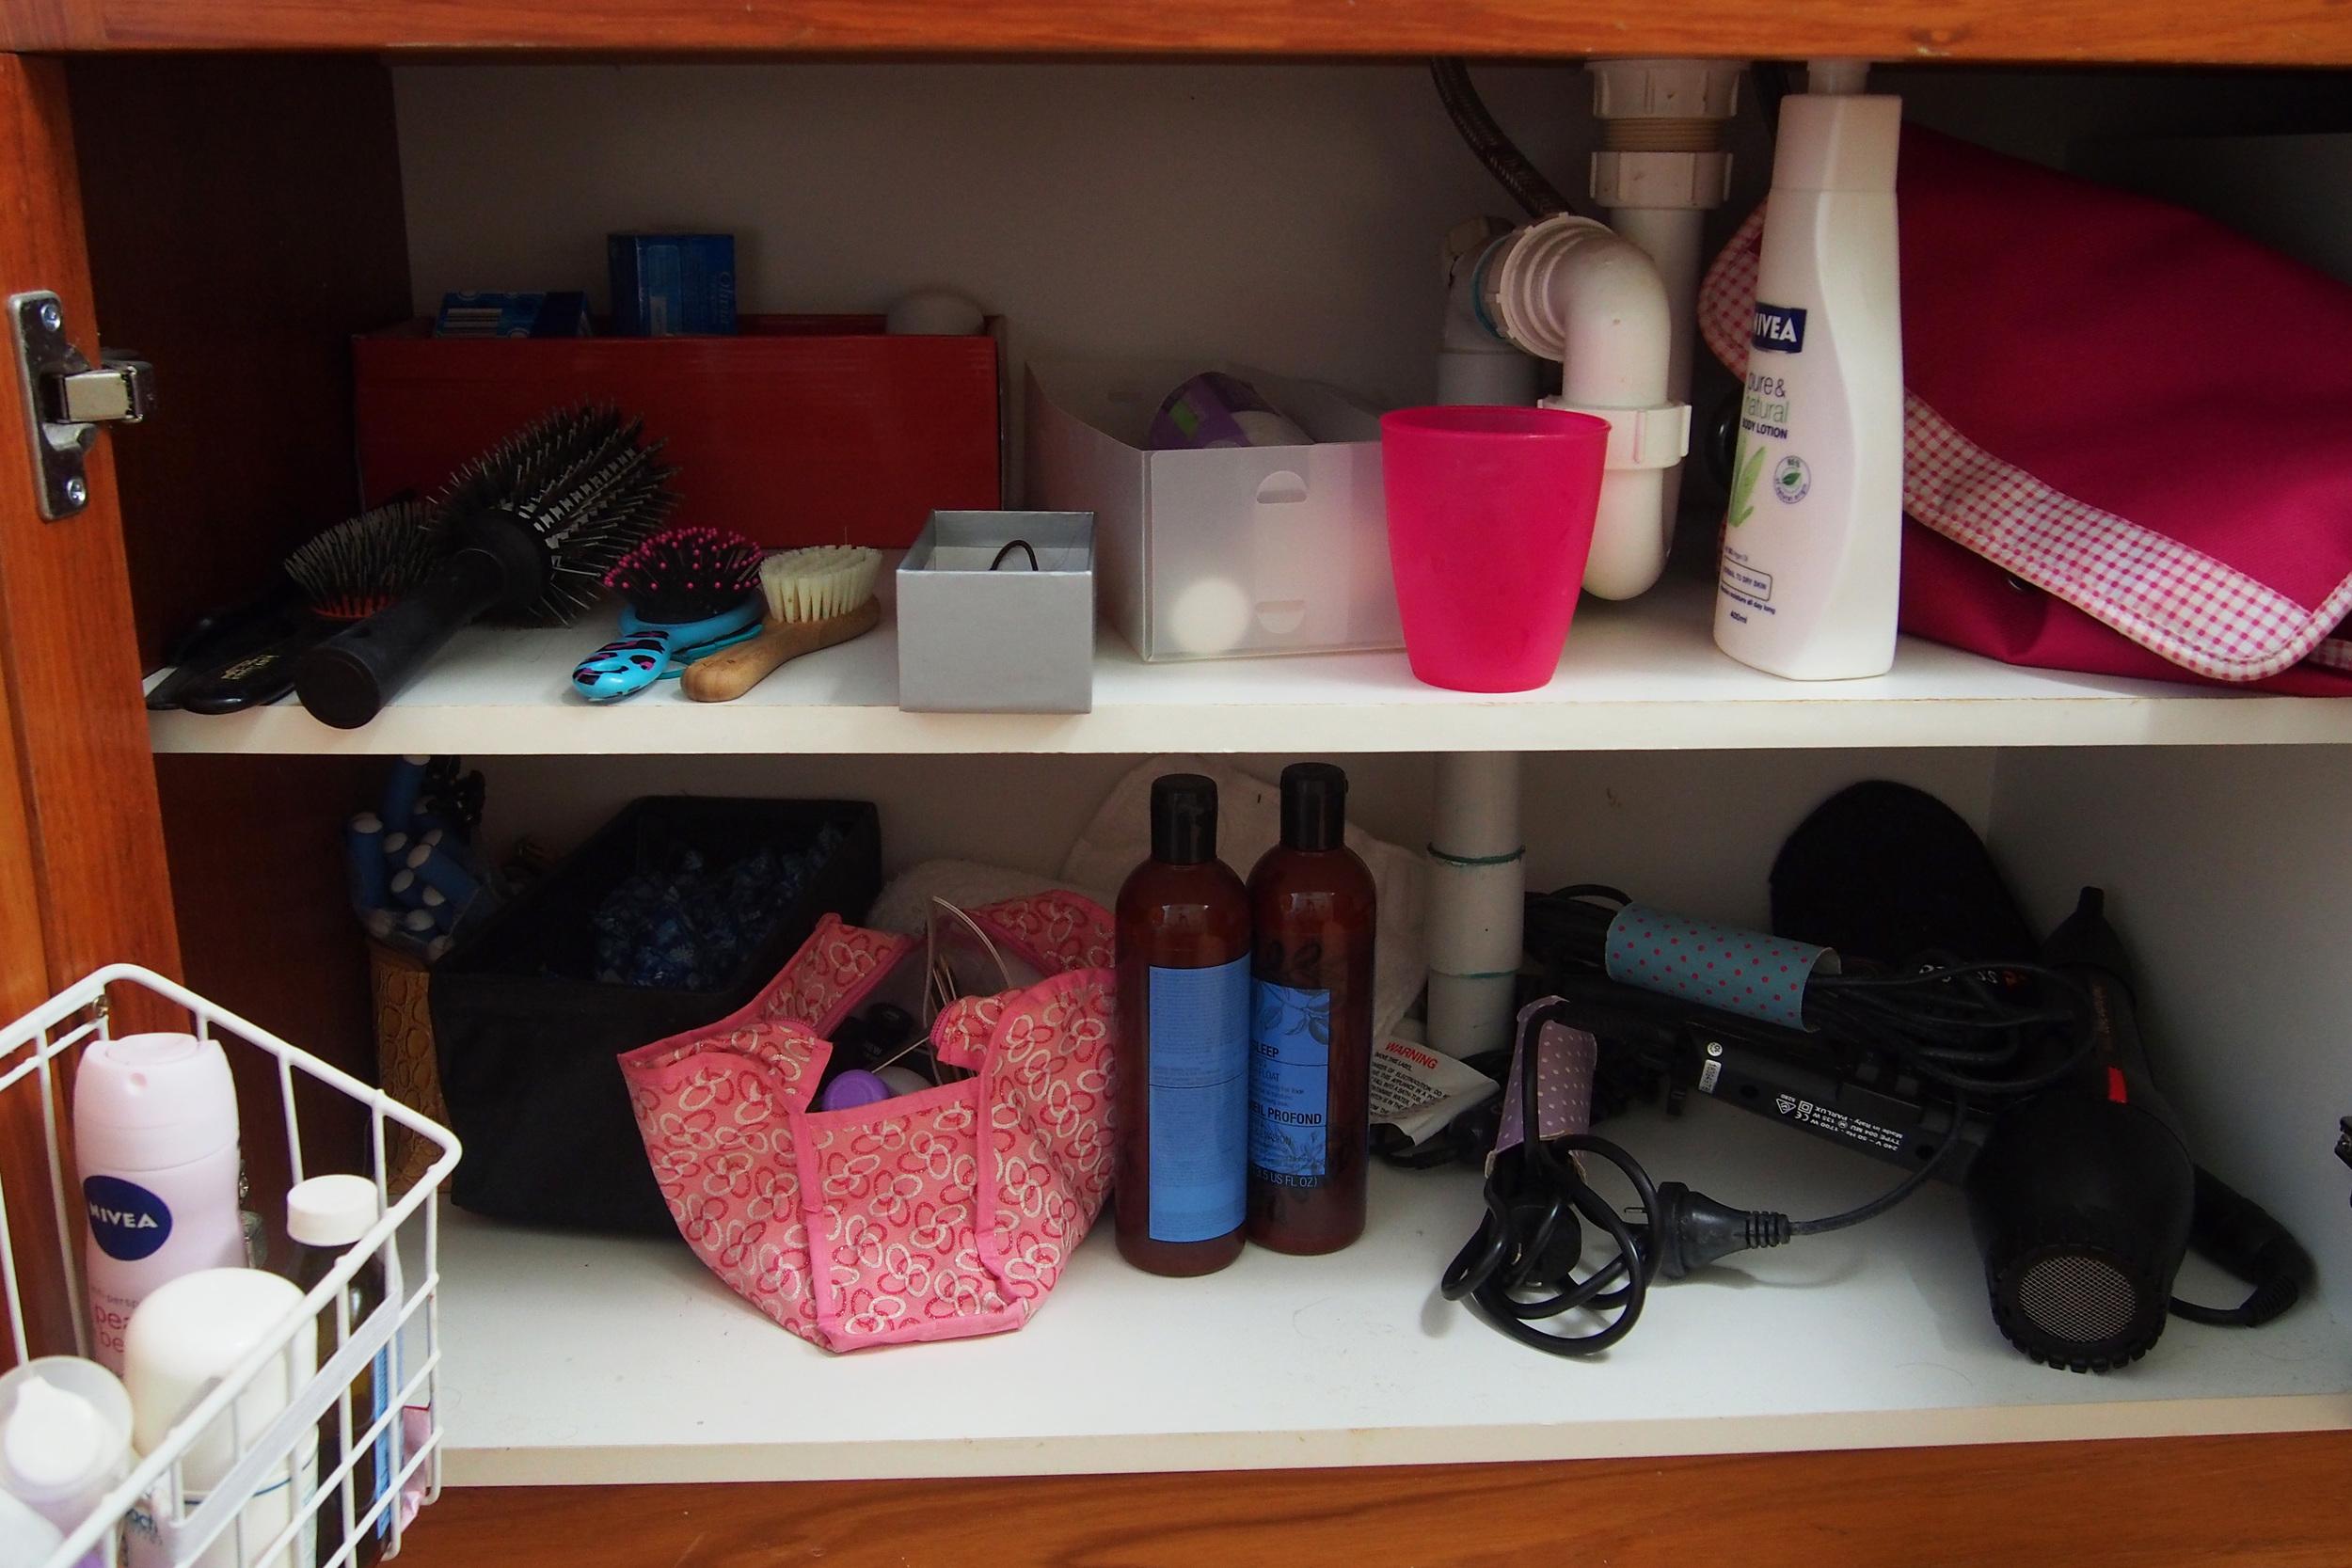 disorganised bathroom vanity